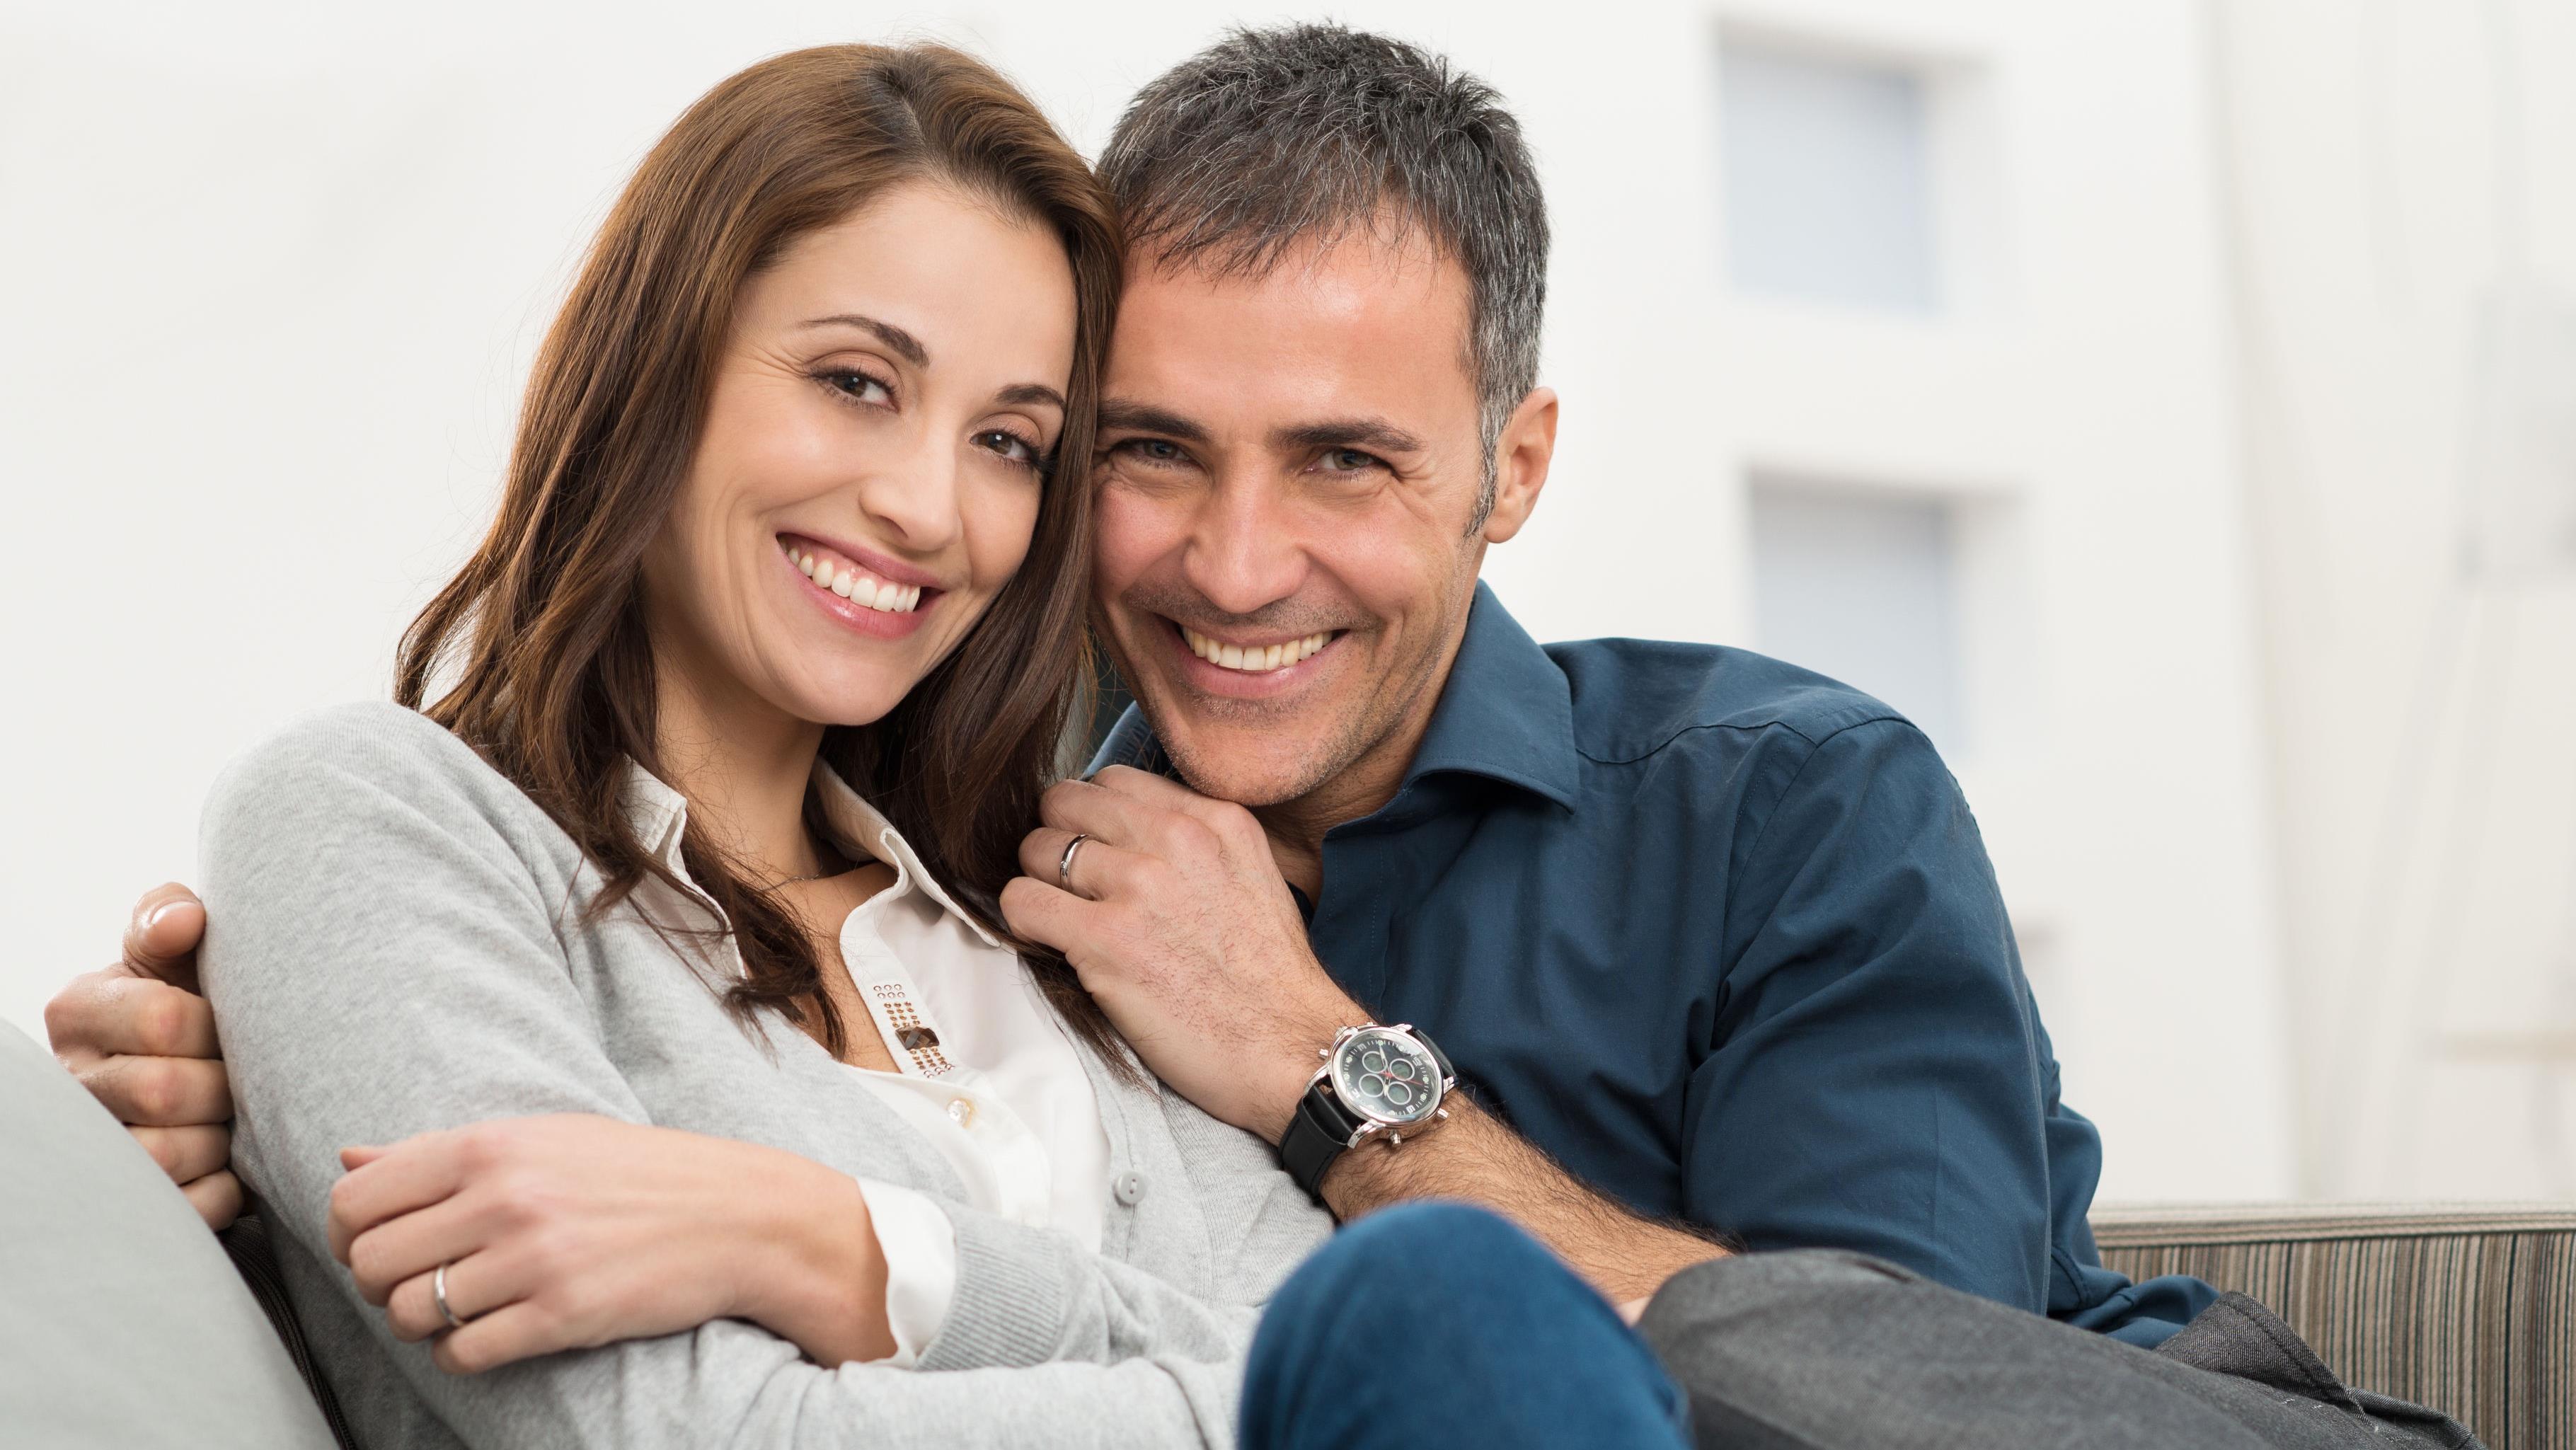 najlepsze serwisy randkowe, które prowadzą do małżeństwa dobieranie graczy w trybie wieloosobowym